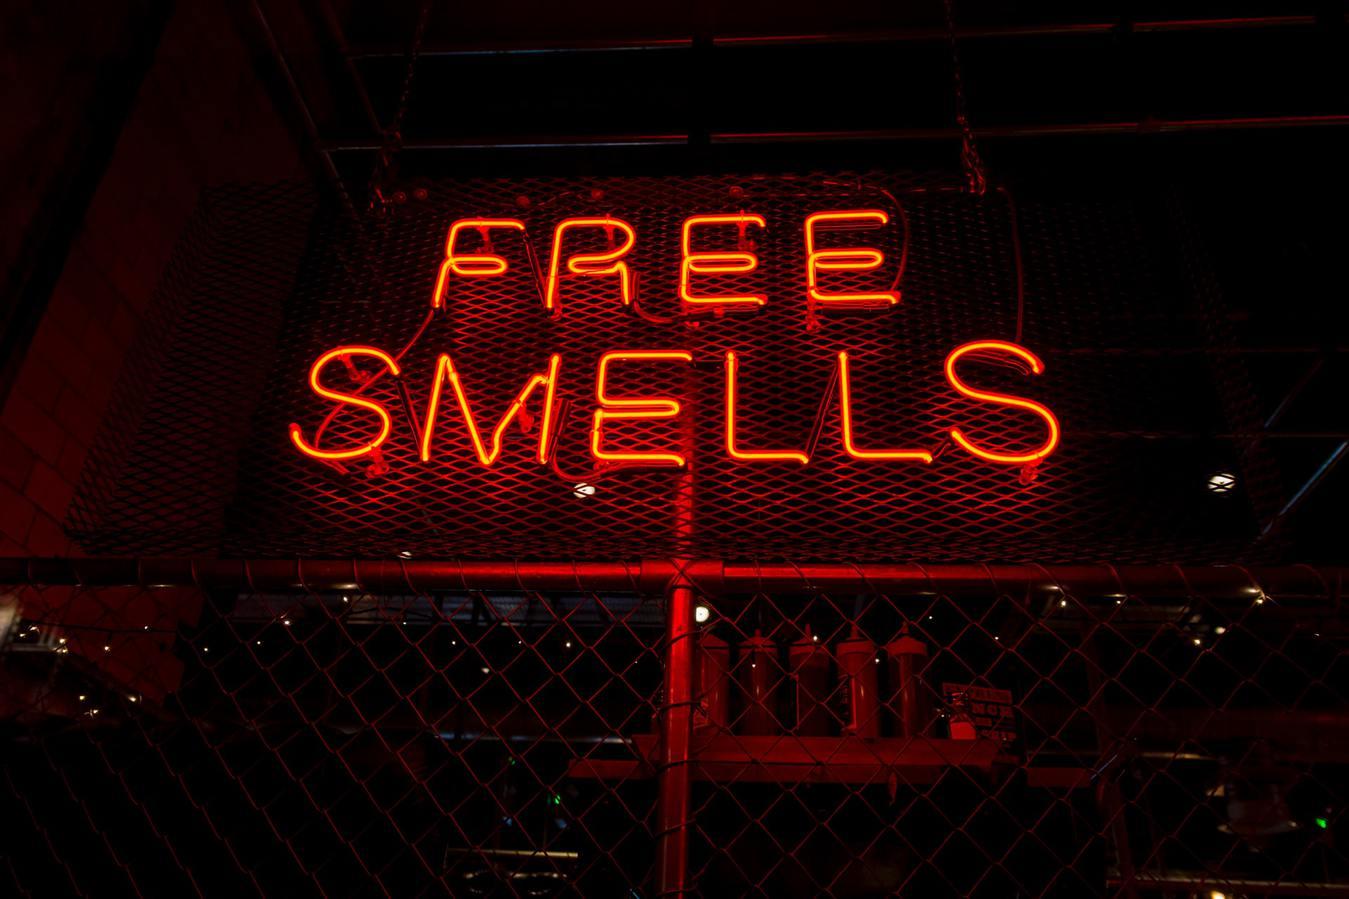 Free smells - rotes Neonschild auf schwarzem Hintergrund